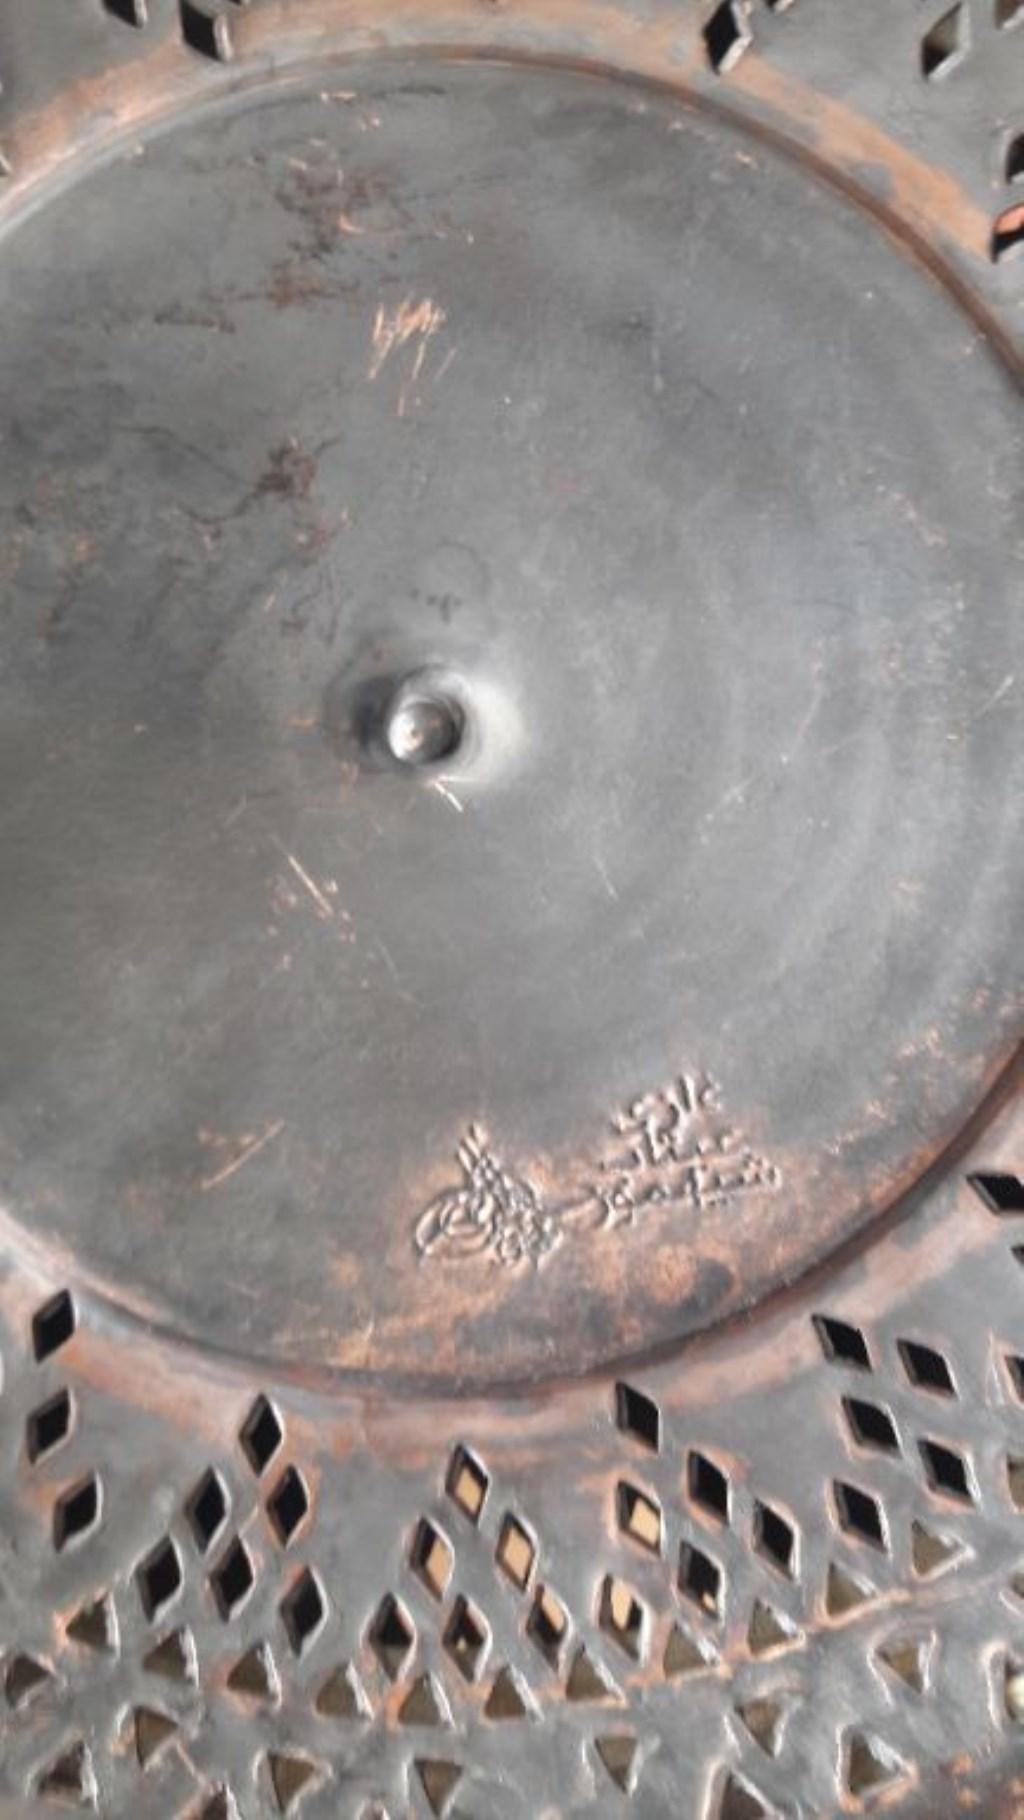 Orijinal körüklü, Süleymaniye işi Osmanlı gece feneri resmi